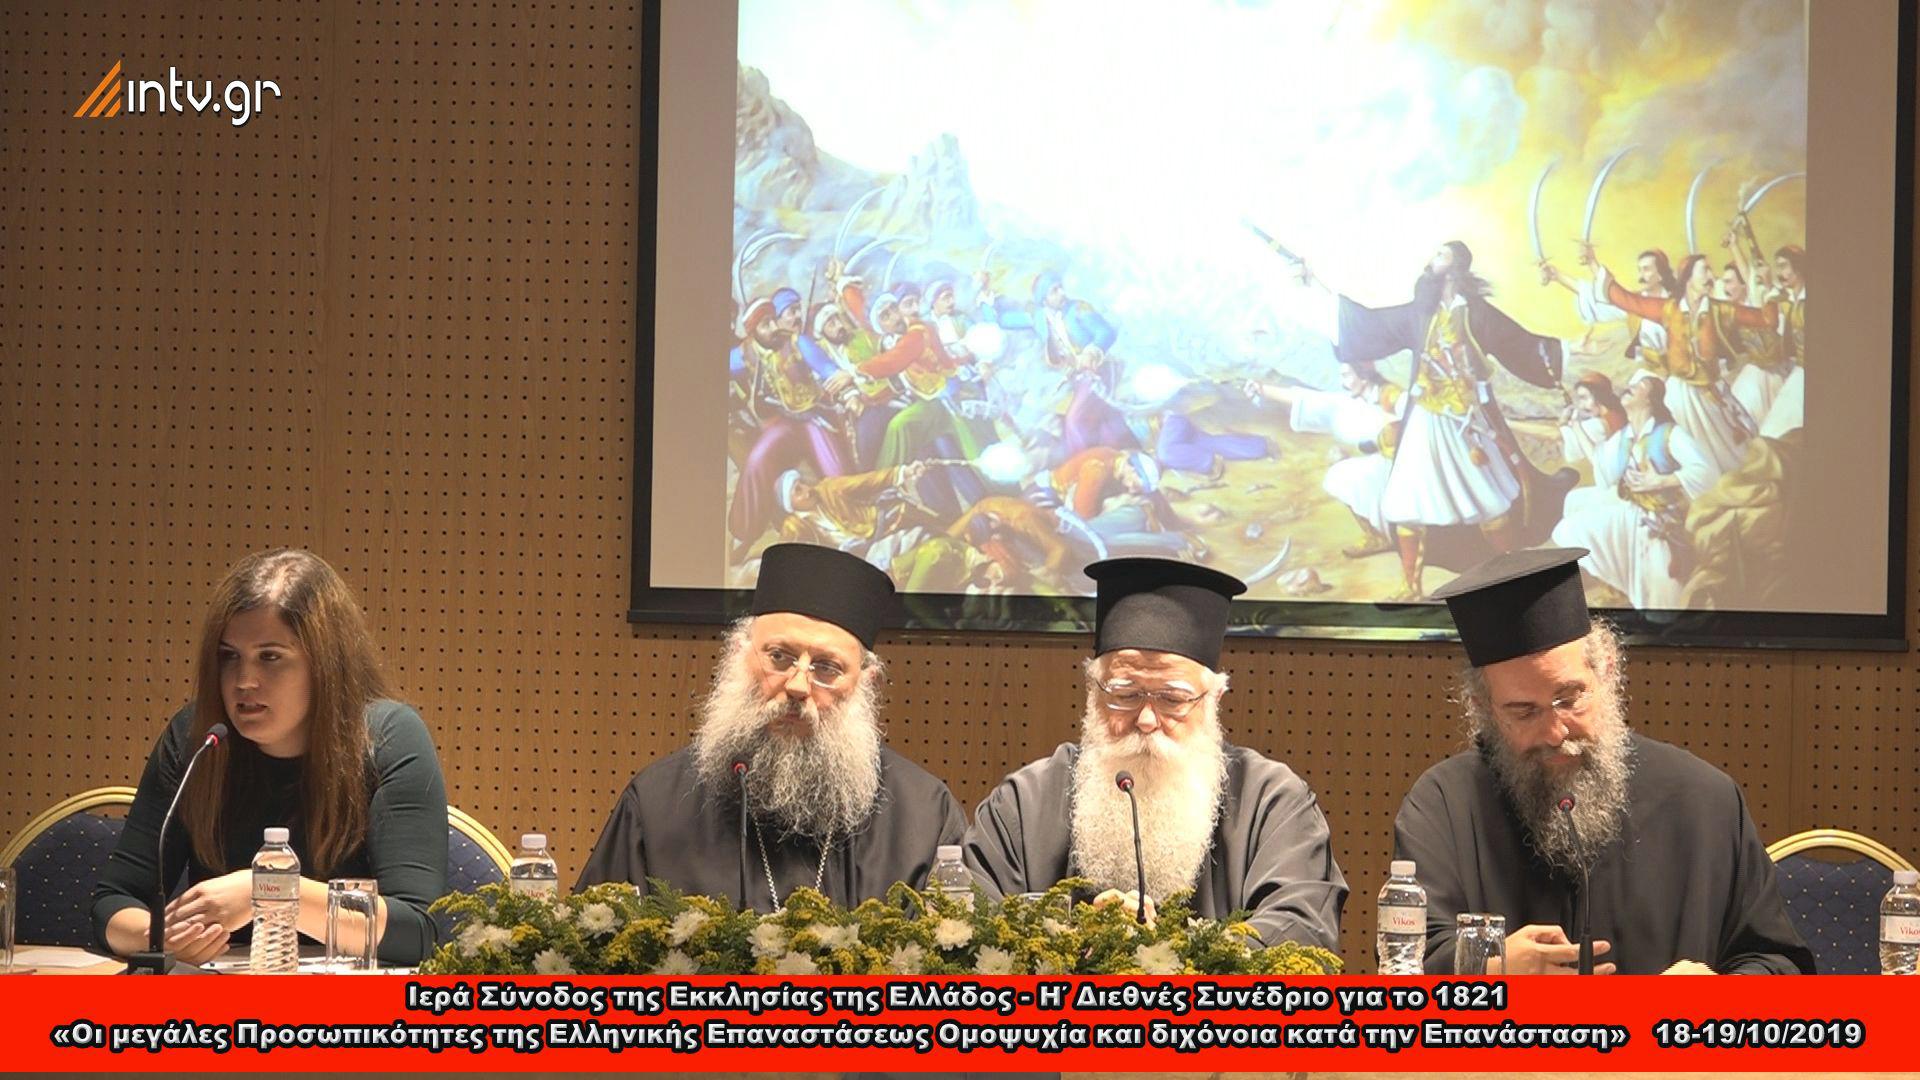 Ιερά Σύνοδος της Εκκλησίας της Ελλάδος - Η΄ Διεθνές Συνέδριο για το 1821 «Οι μεγάλες Προσωπικότητες της Ελληνικής Επαναστάσεως Ομοψυχία και διχόνοια κατά την Επανάσταση»